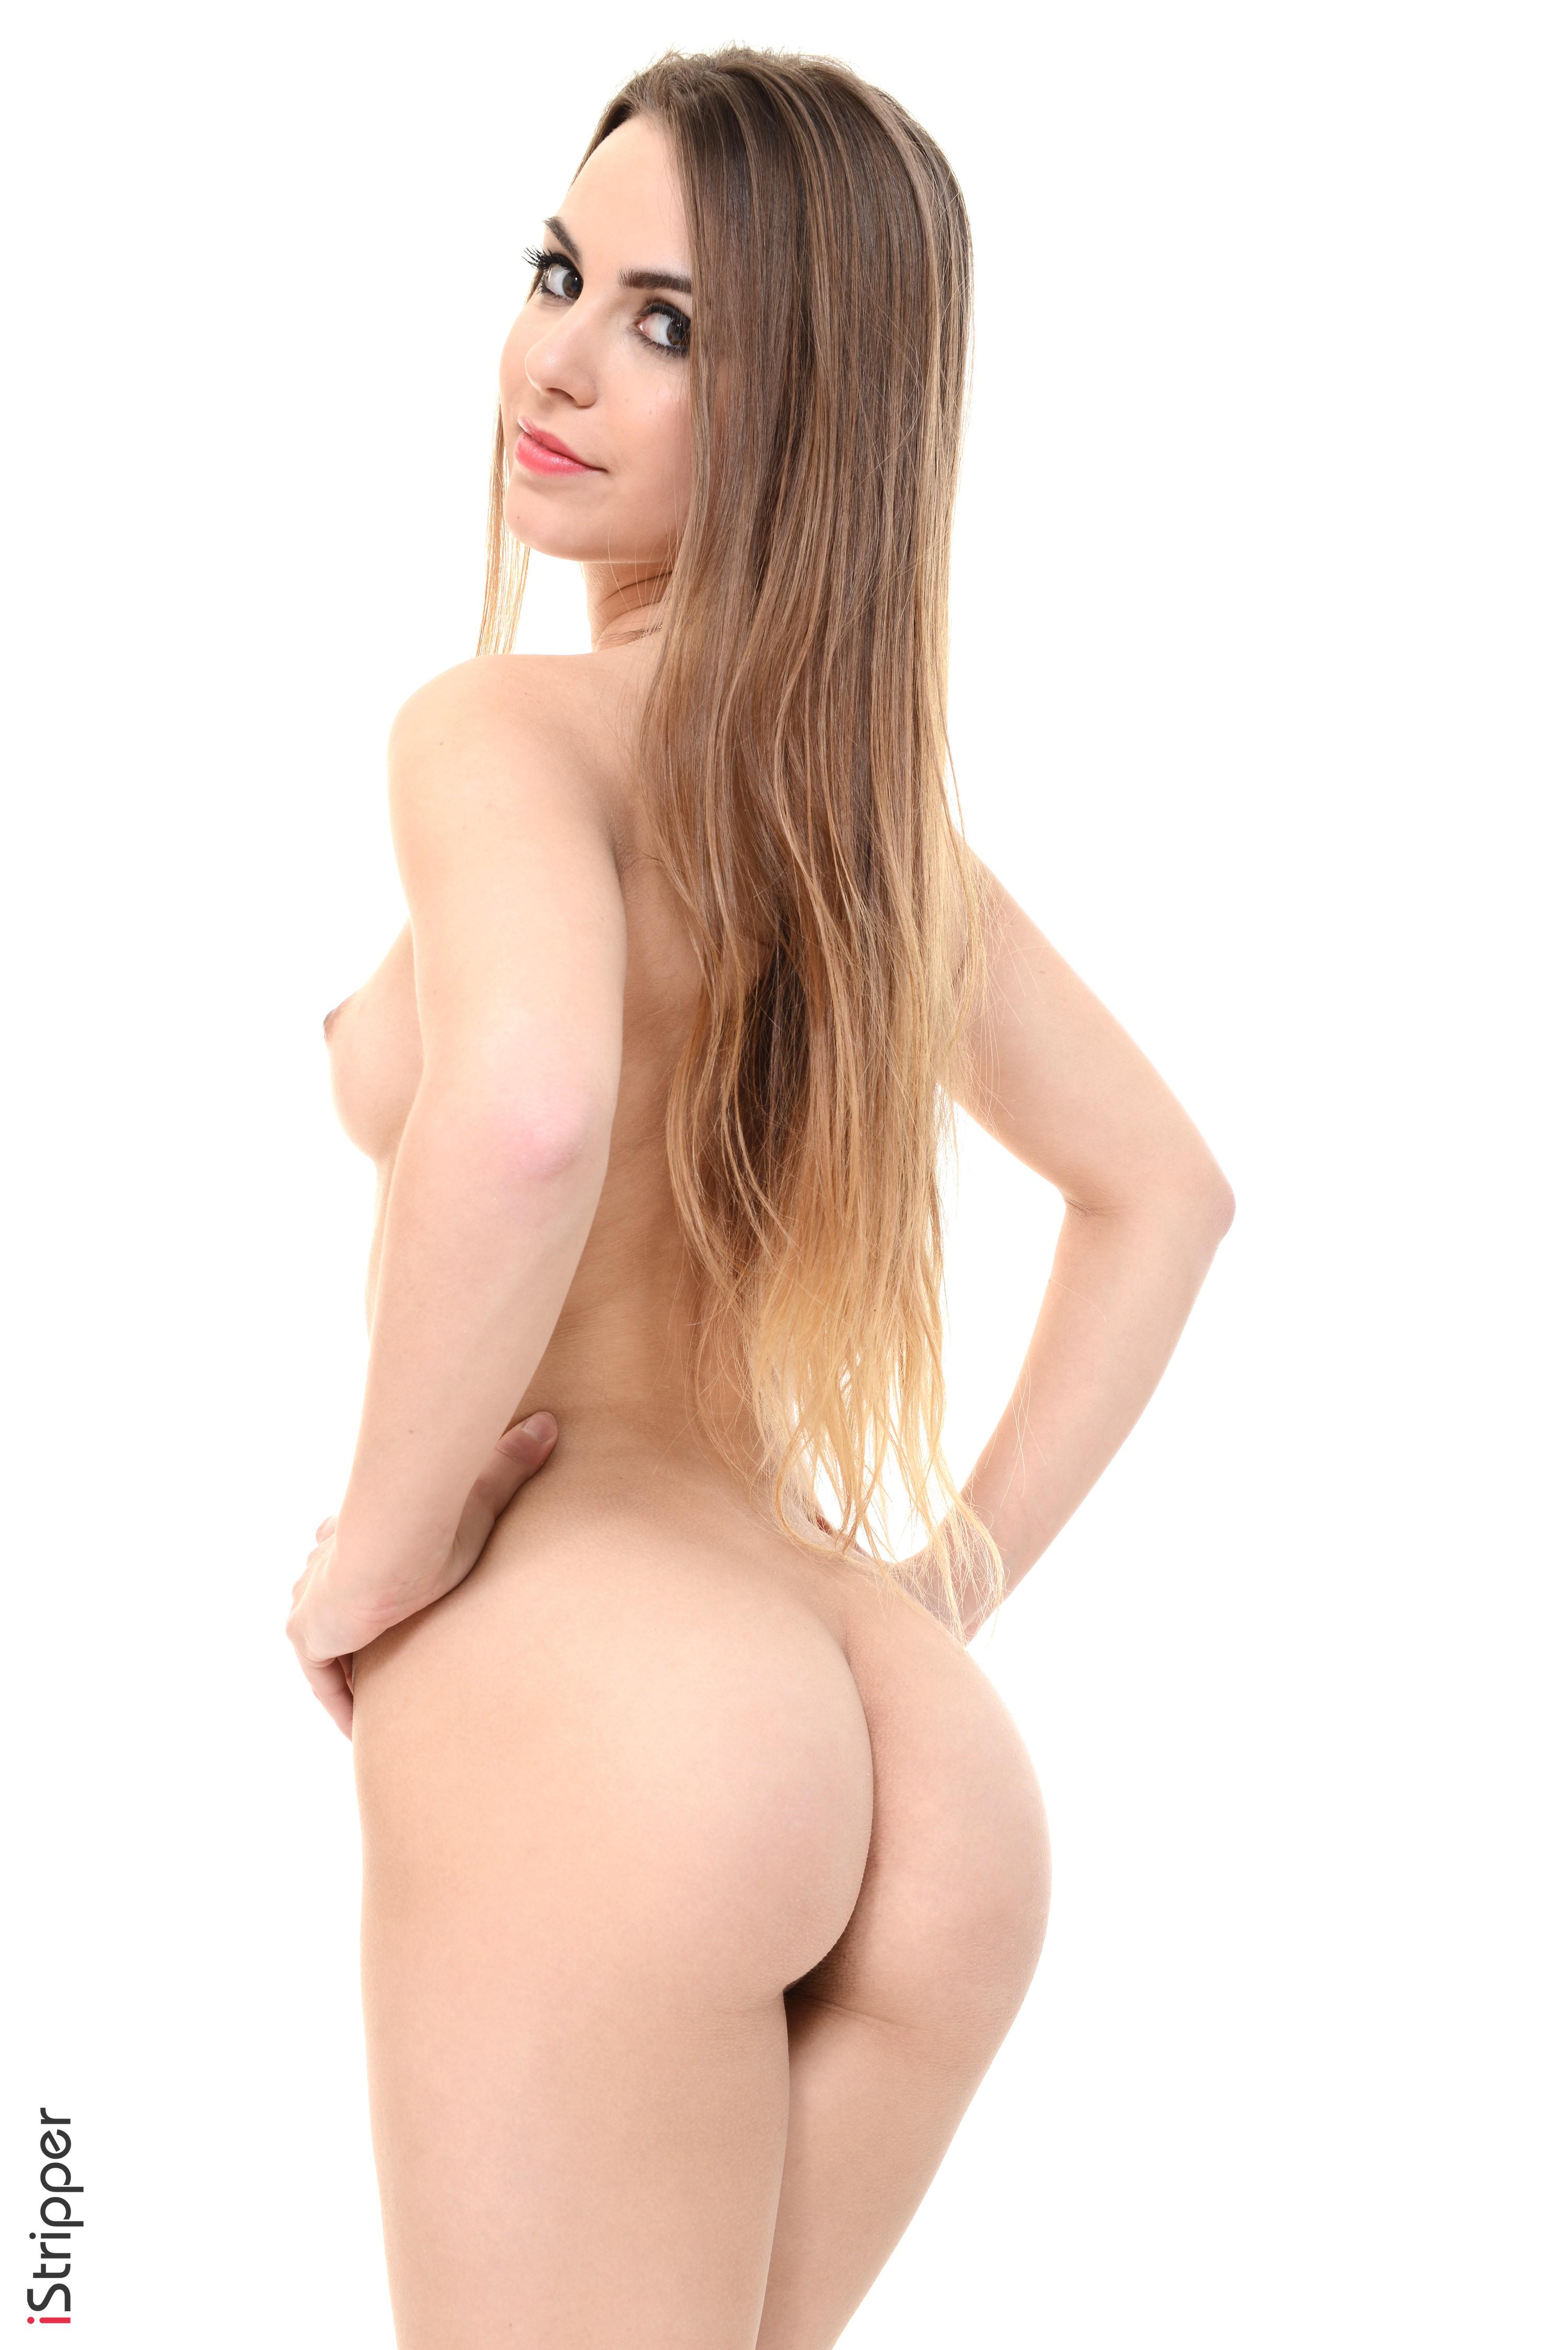 hd nude women wallpaper